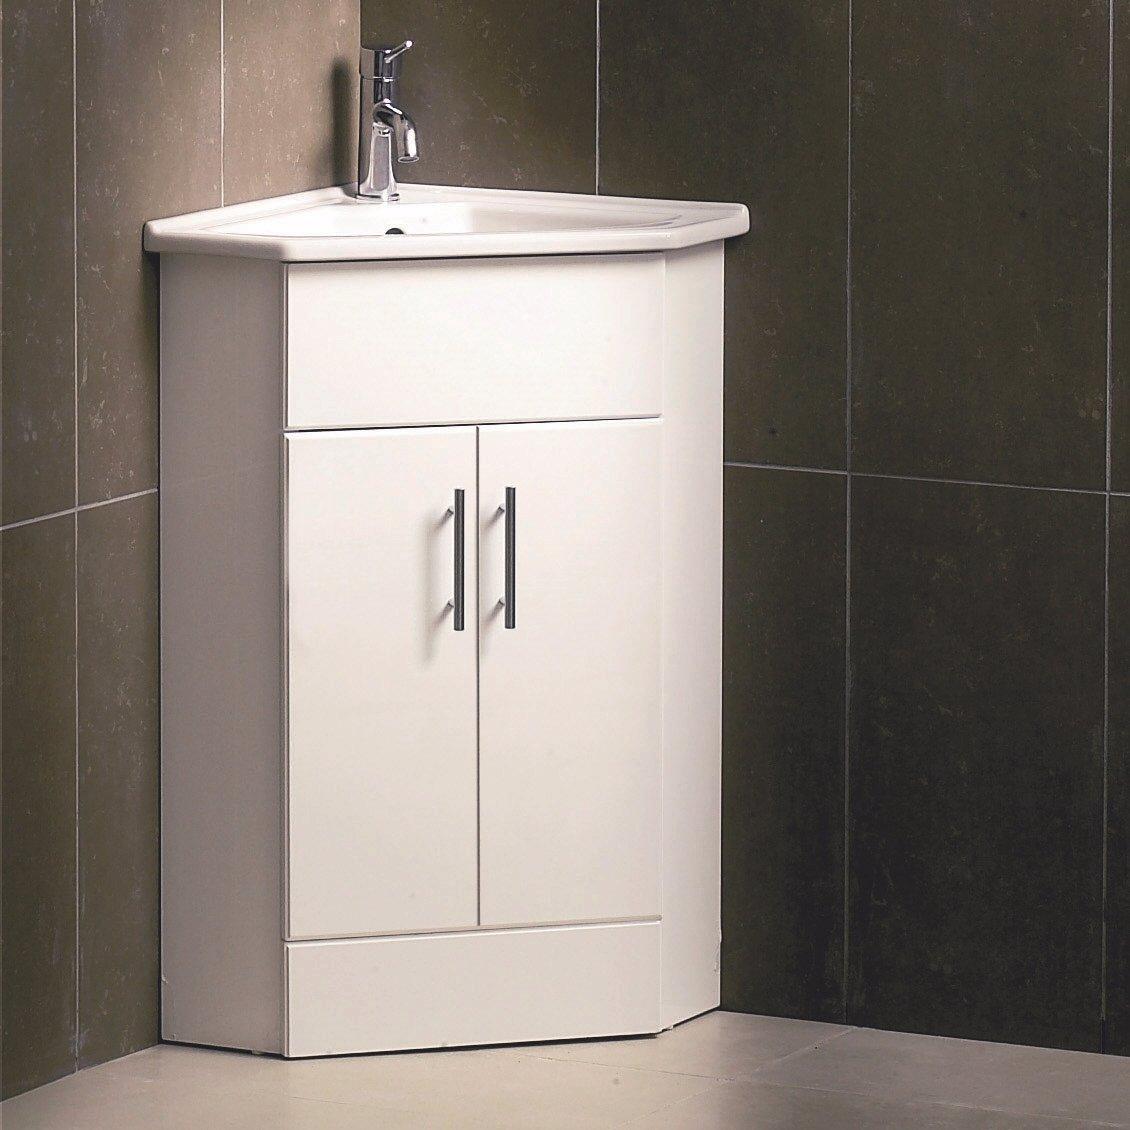 Eckspiegelschrank Bad ~ Hausdesign.pro